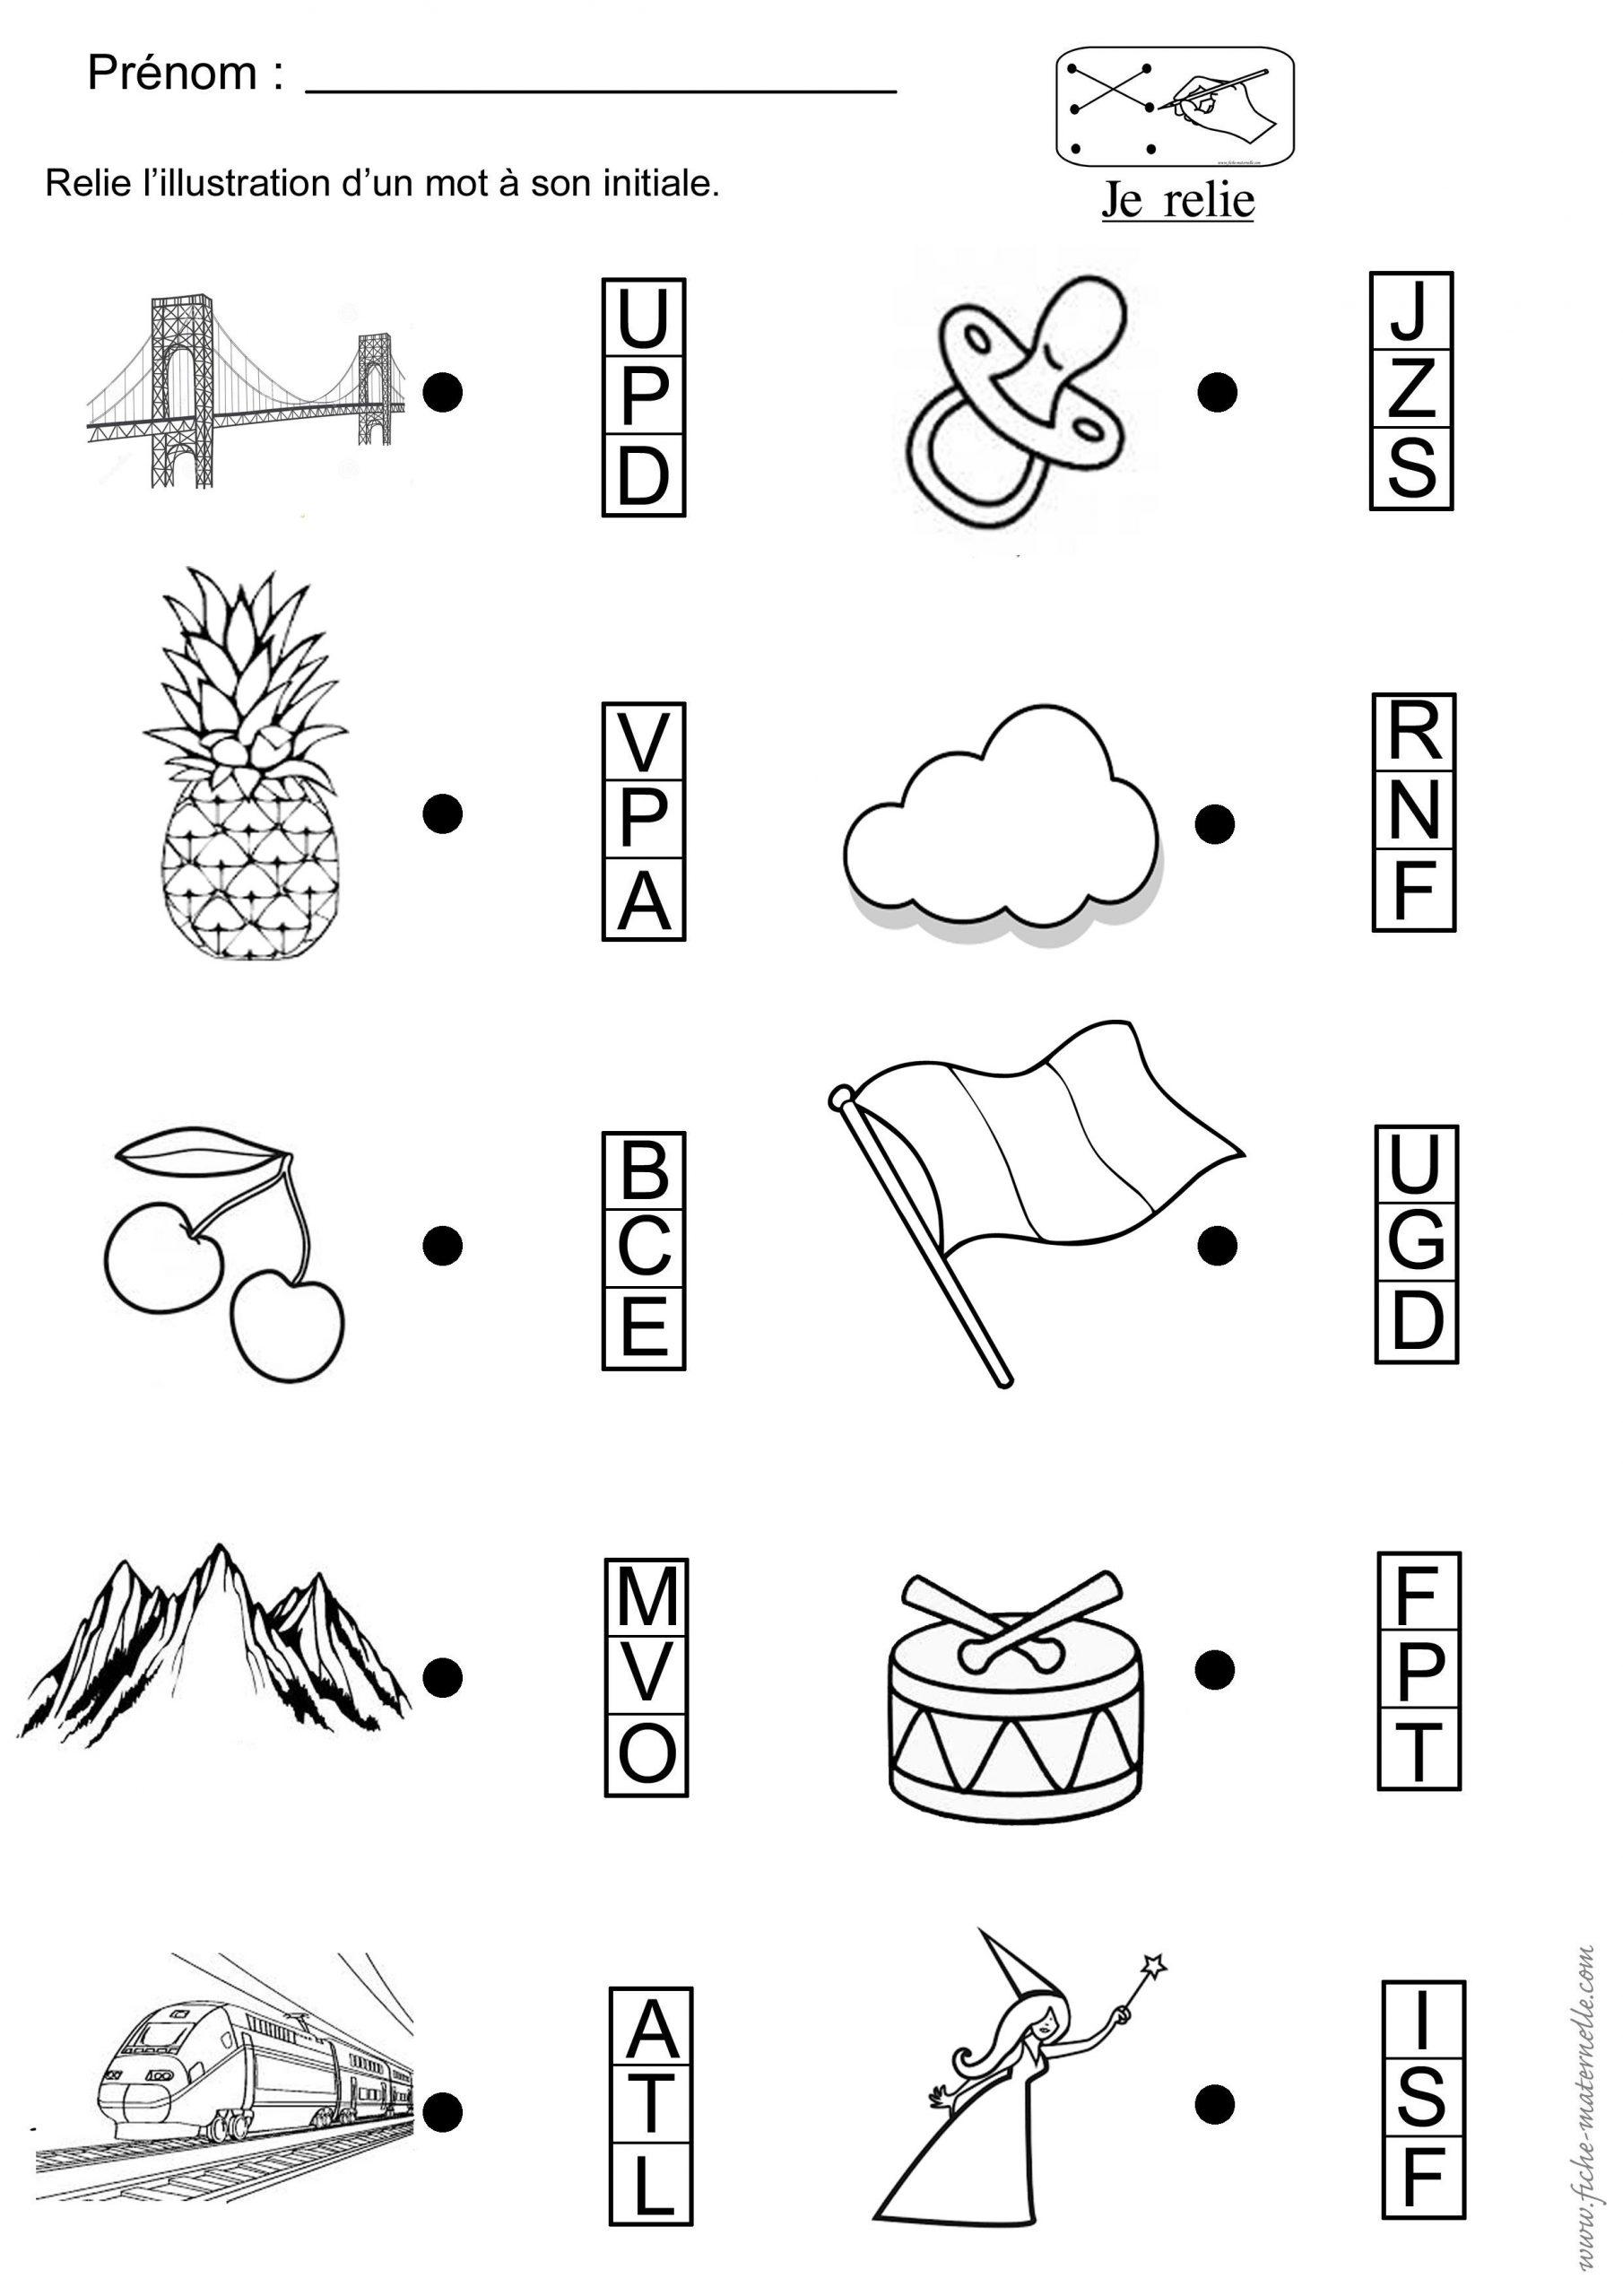 Phonologie : Trouver La Première Lettre D'un Mot Illustré intérieur Exercice Pour Enfant De 4 Ans